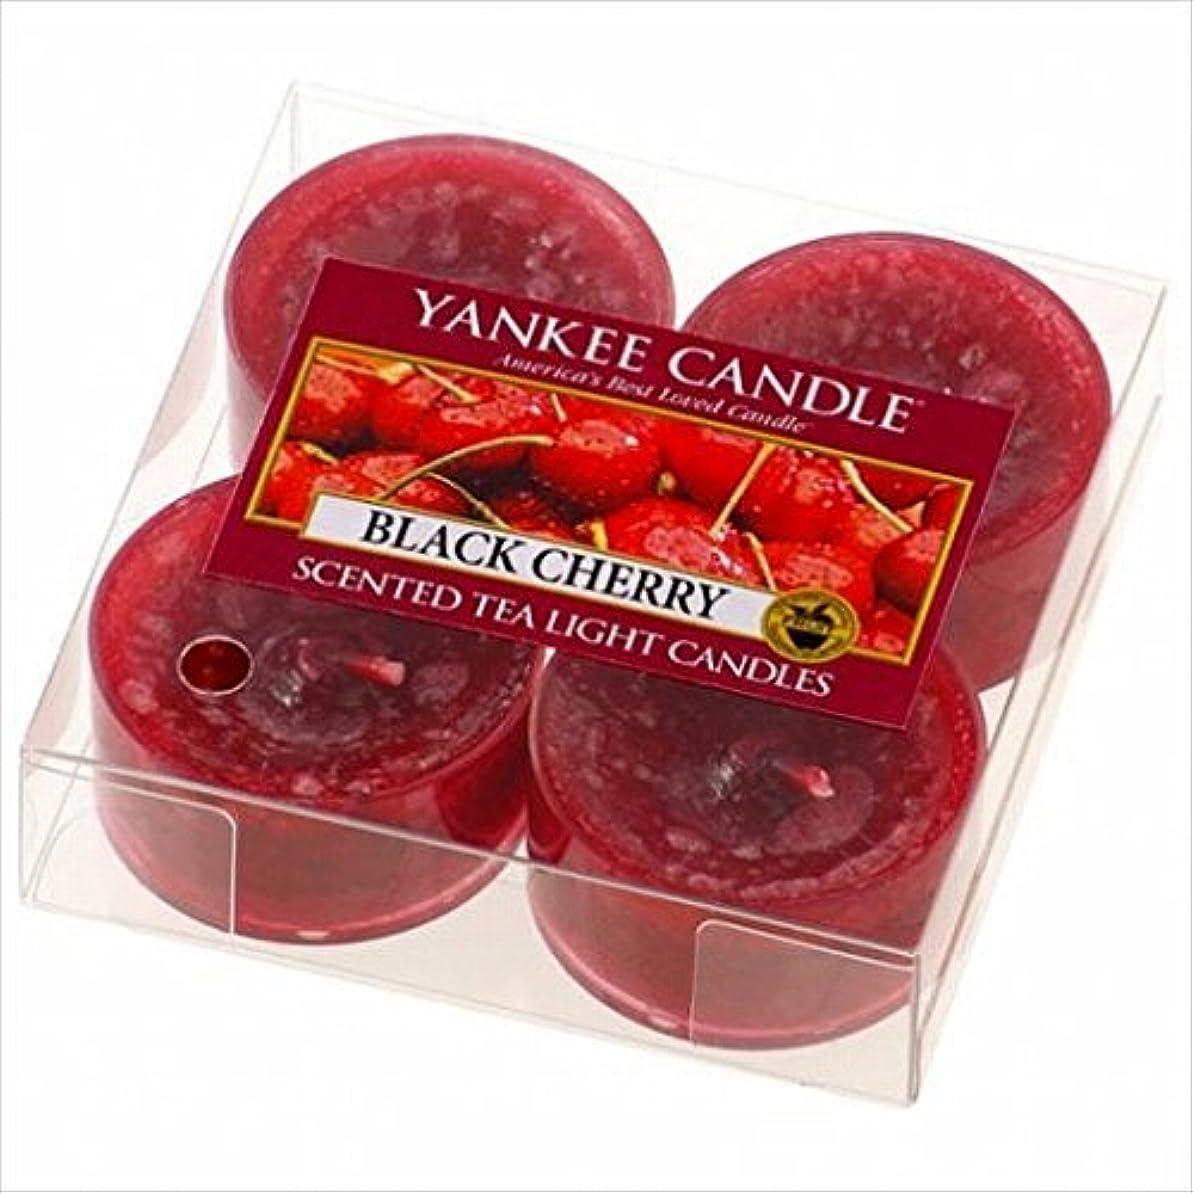 スポーツをする疑問に思う炭素ヤンキーキャンドル( YANKEE CANDLE ) YANKEE CANDLE クリアカップティーライト4個入り 「 ブラックチェリー 」